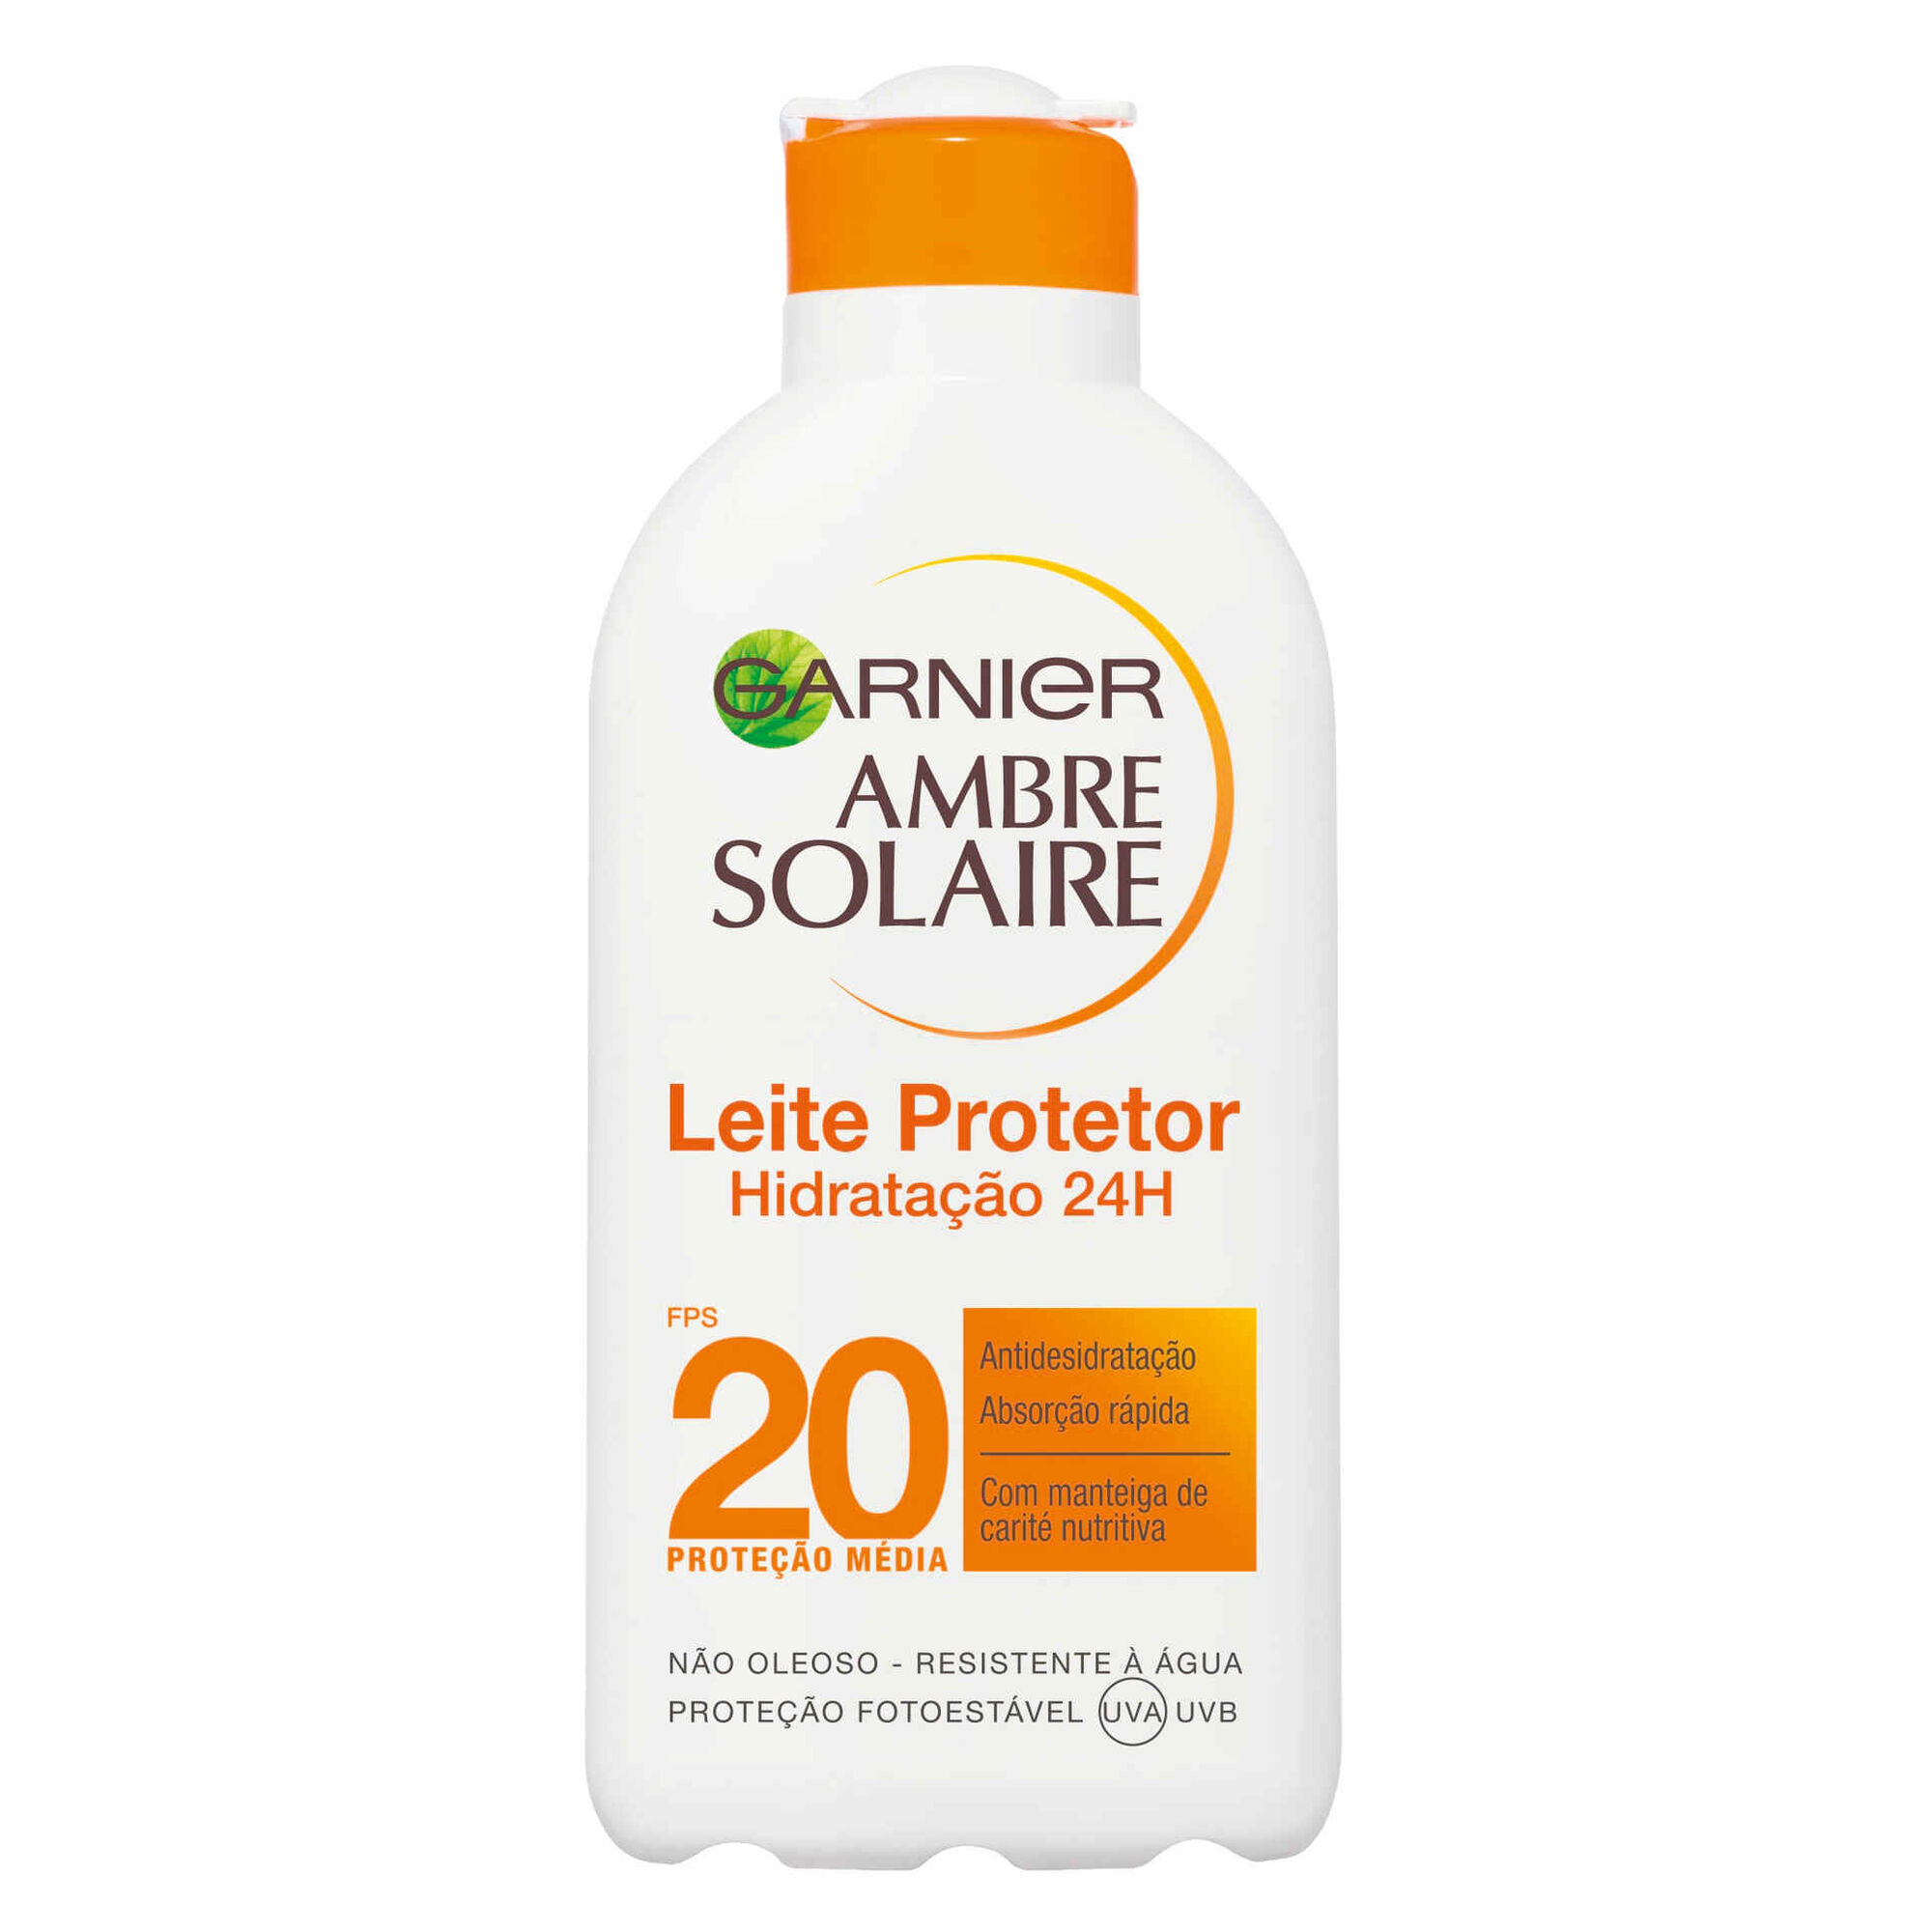 Protetor Solar Leite Ambre Solaire Hidratação 24H FPS20